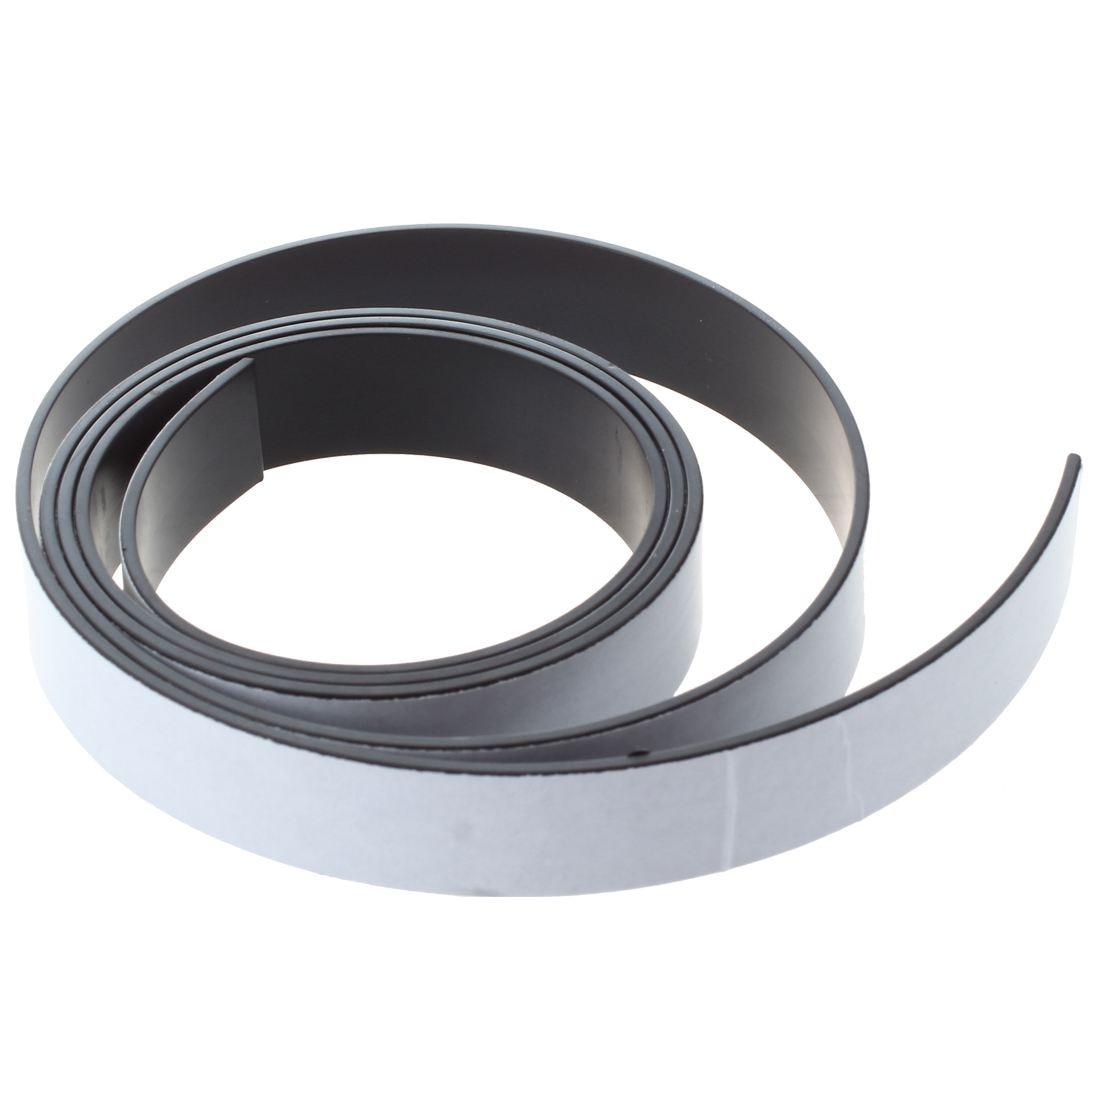 1 Mt Band Magnet Magnetische Flexible Roller Streifen Magnet Klebestreifen 10x1,5mm Moderater Preis